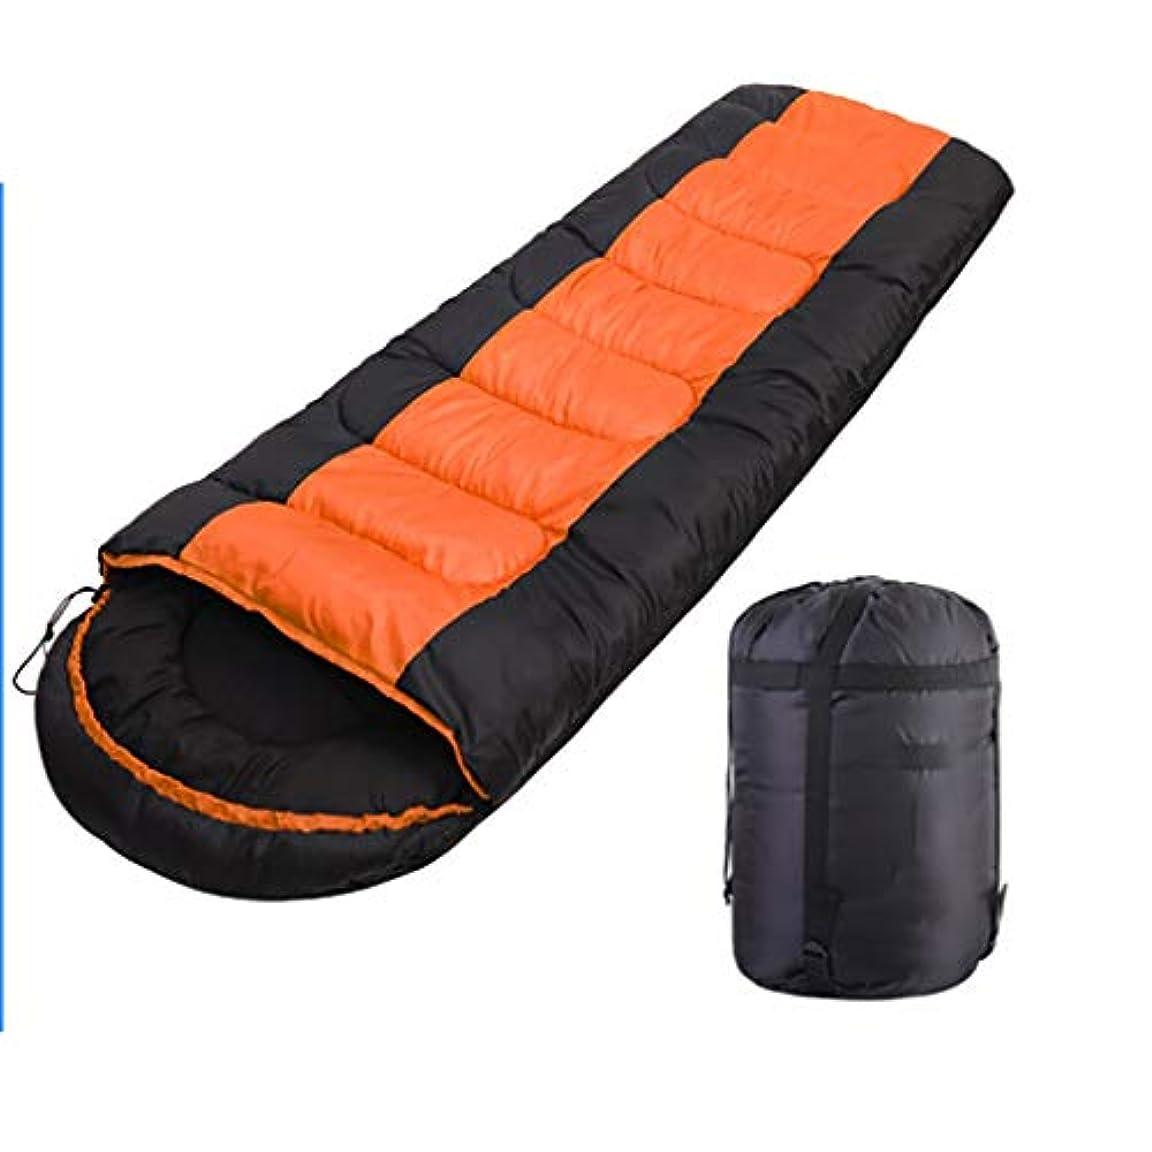 トライアスロン有害資本封筒の寝袋 - 快適さ、通気性、軽量のポータブル、収納袋付き - 4シーズンの旅行に最適、ホーム、キャンプ、ハイキング、アウトドア、ユニセックス、オレンジ(シングル)